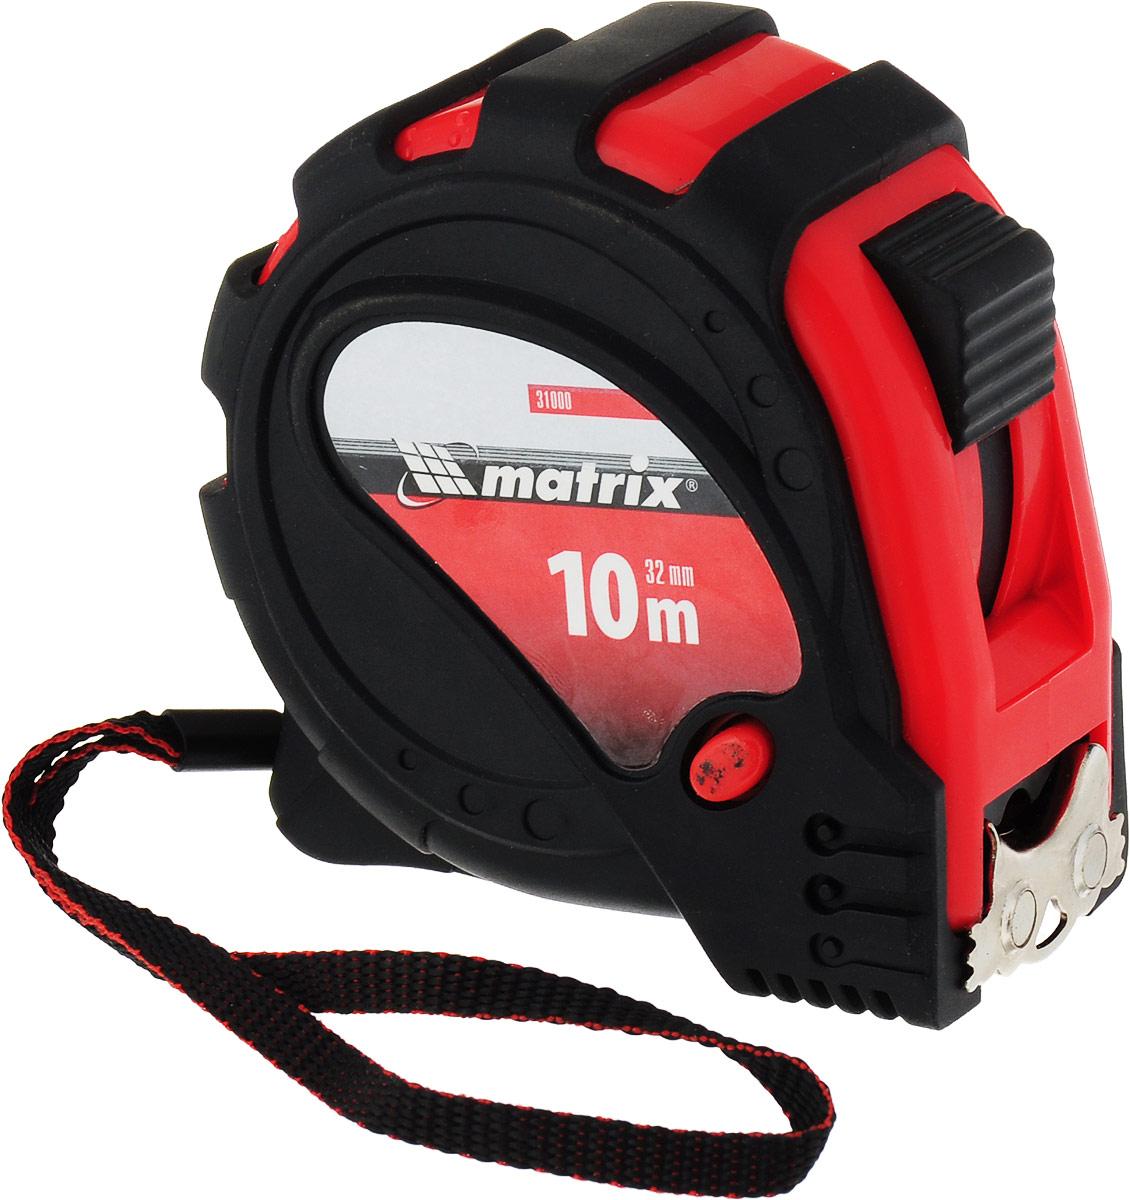 Рулетка Matrix Status Magnet 3 Fixations, с магнитным зацепом, цвет: красный, 32 мм х 10 м